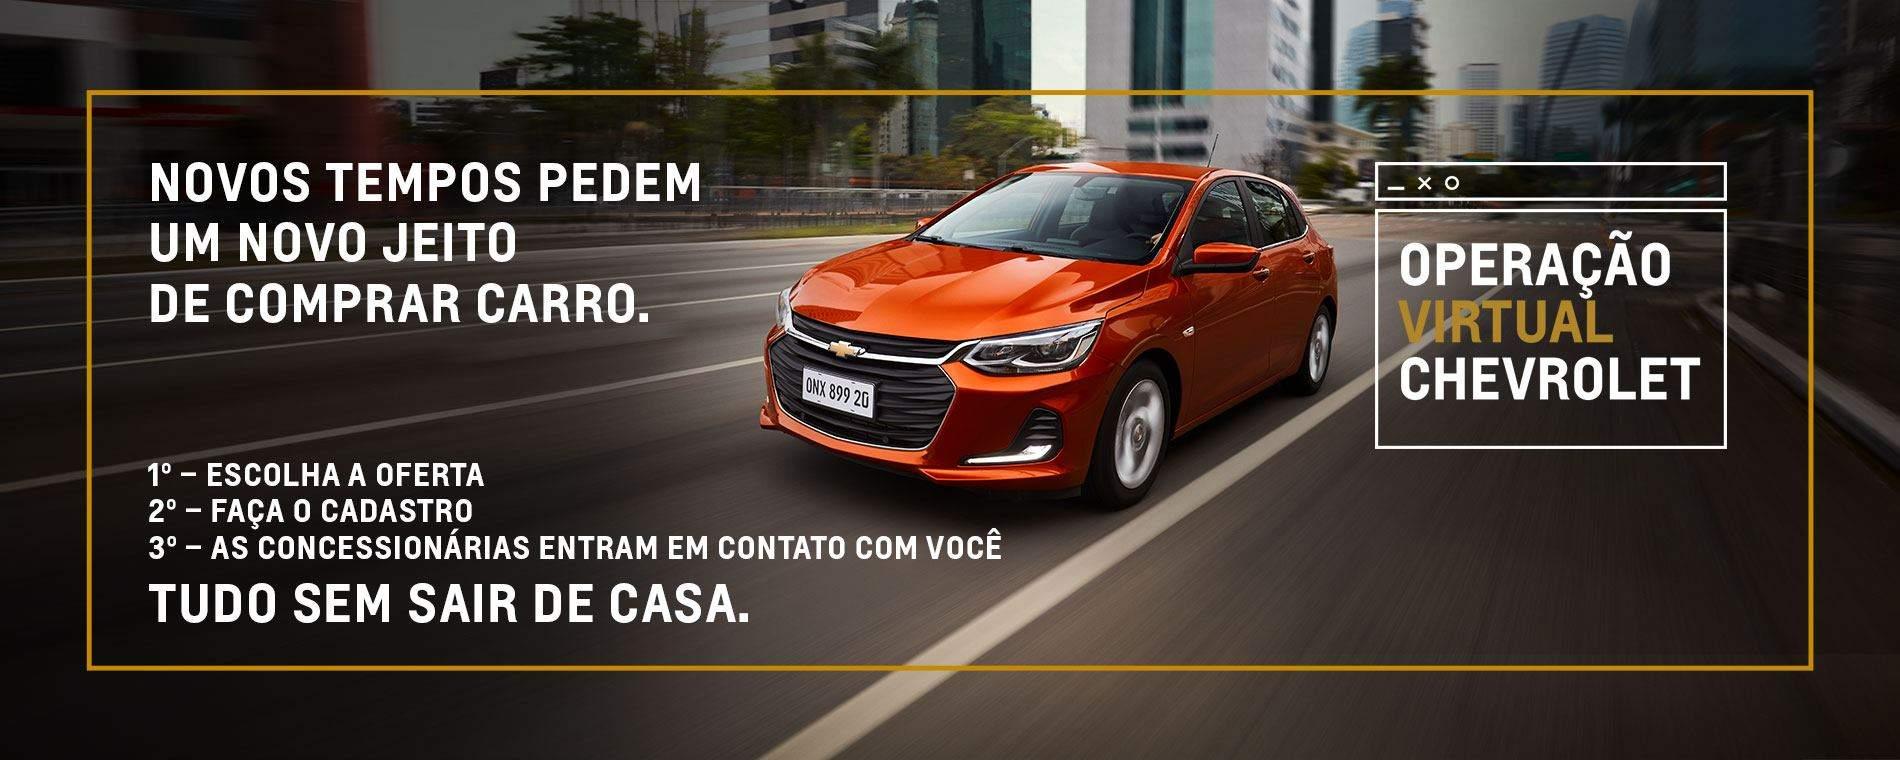 Operação Virtual Chevrolet